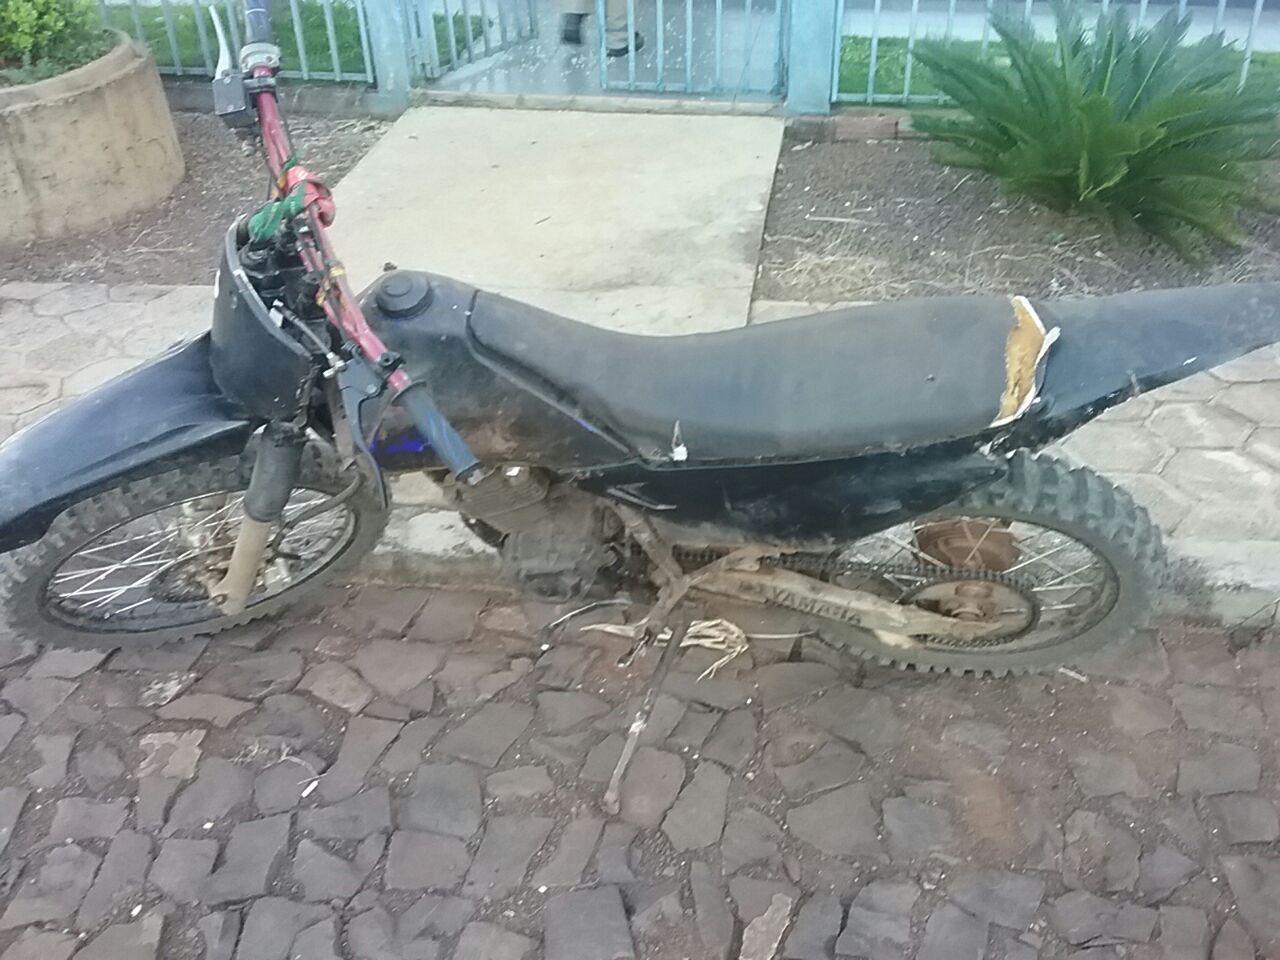 Polícia Militar apreende moto de trilha conduzida por adolescente em Descanso